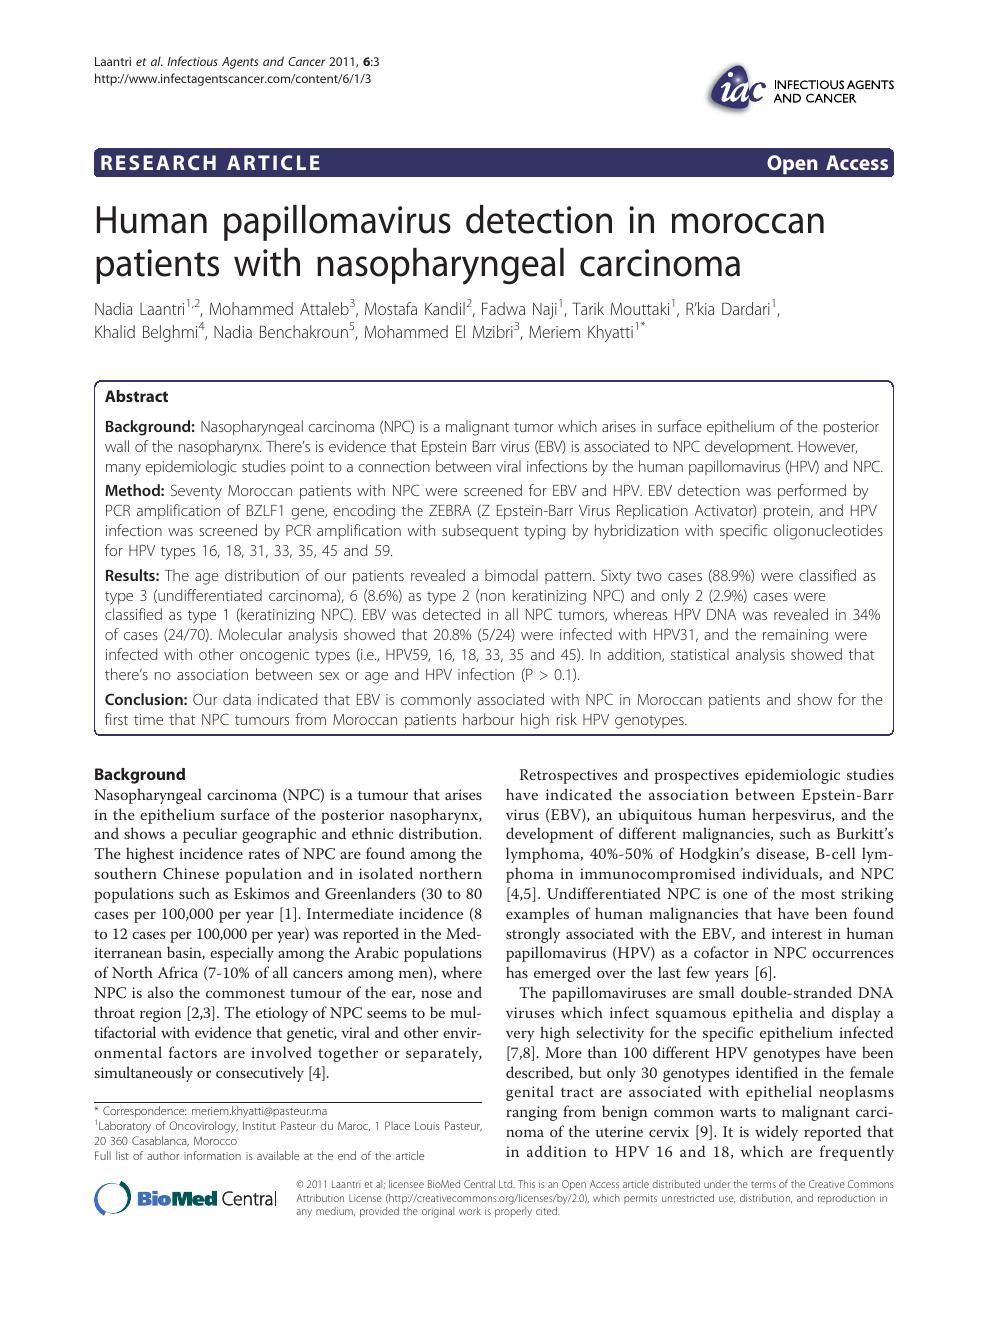 papillomavirus agent pathogene